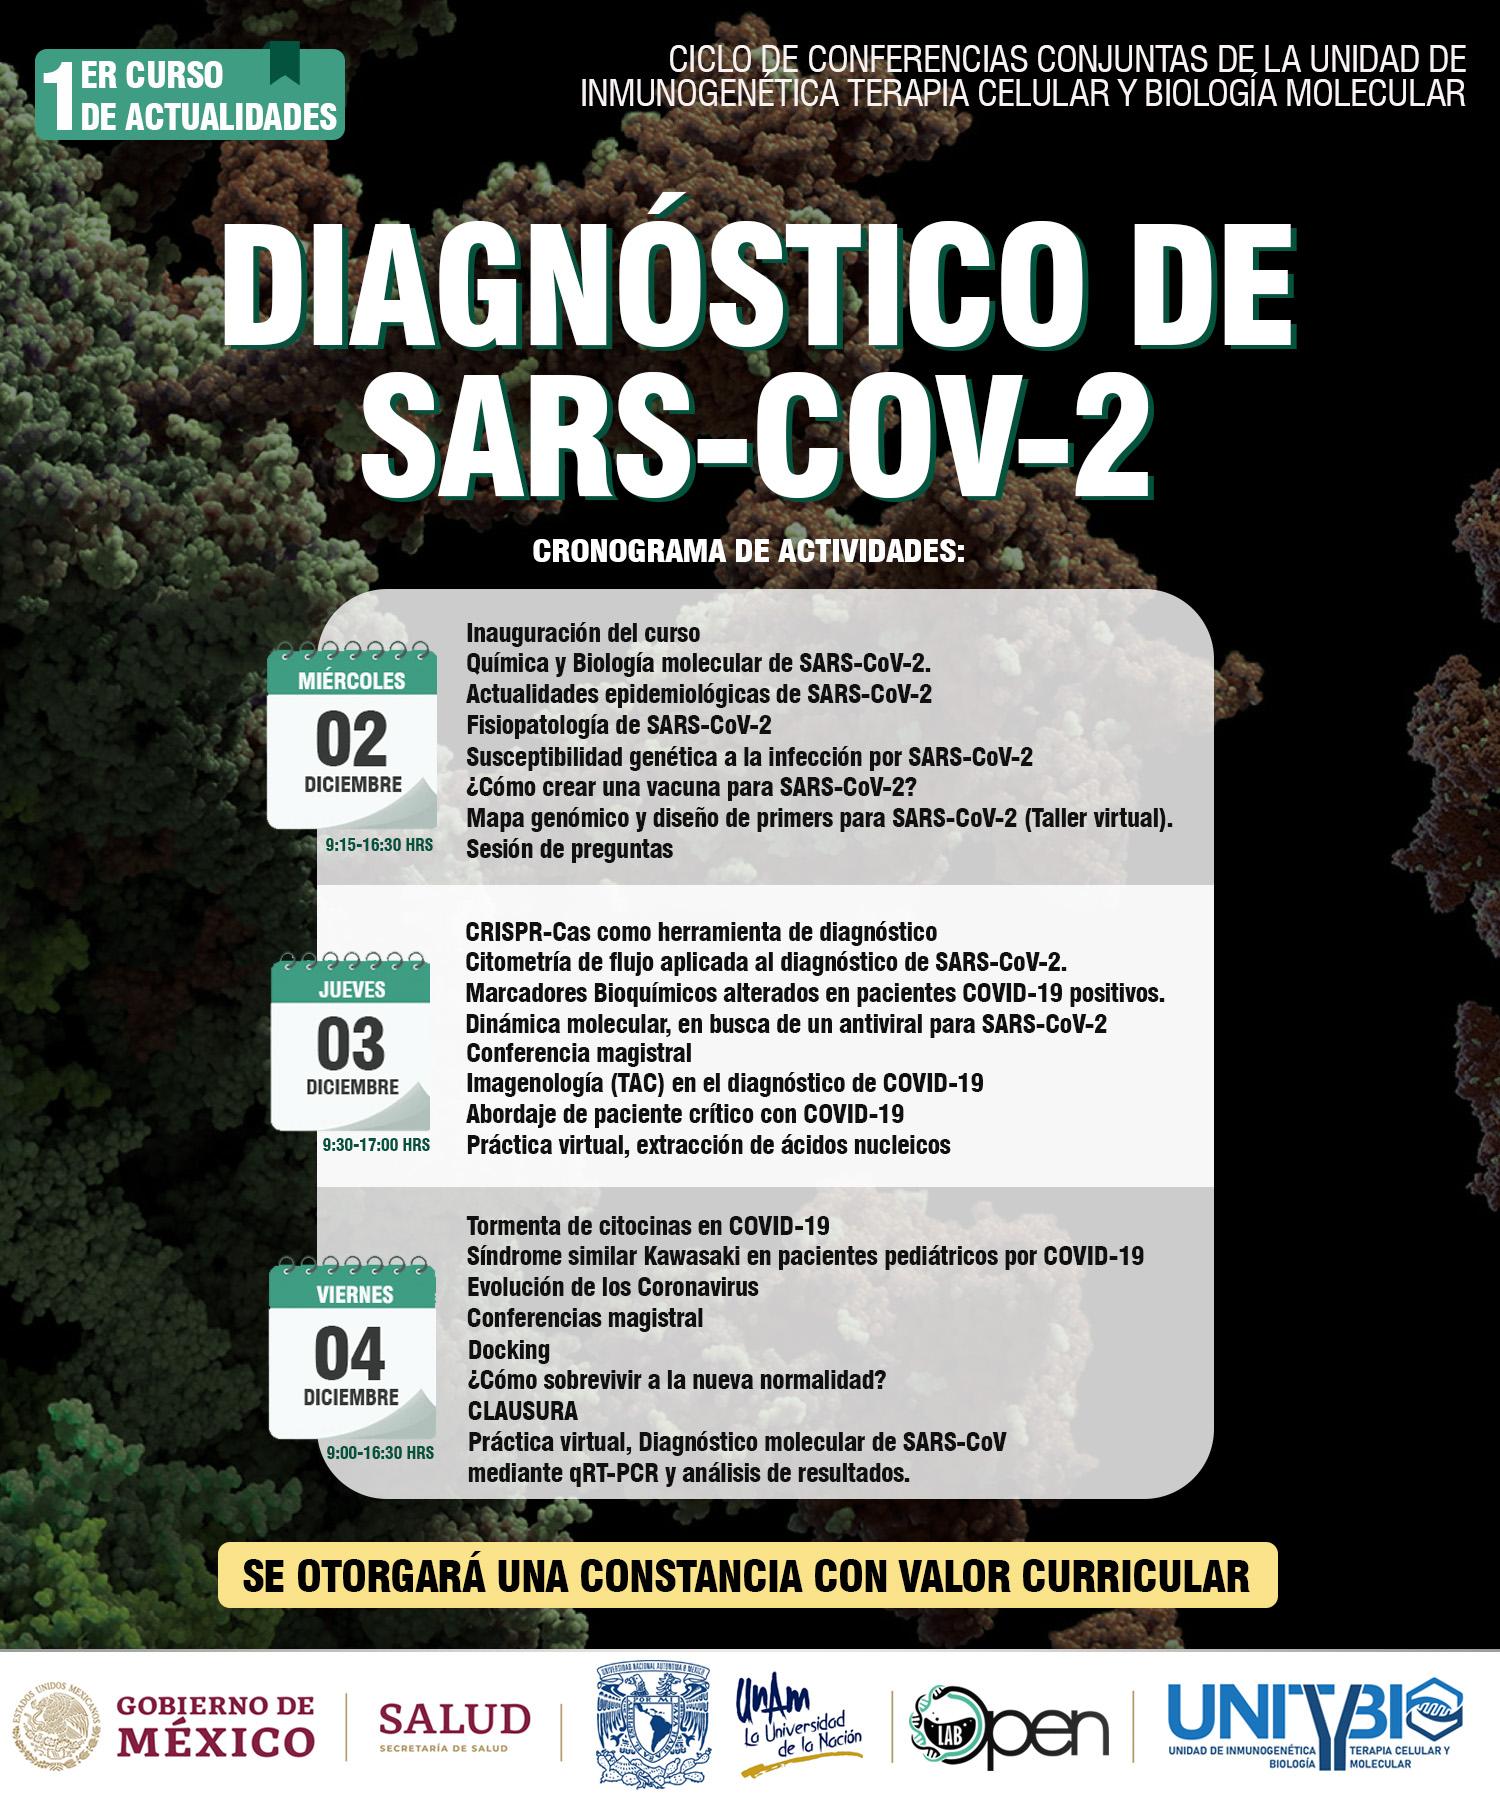 Diagnóstico molecular del SARS-COV-2